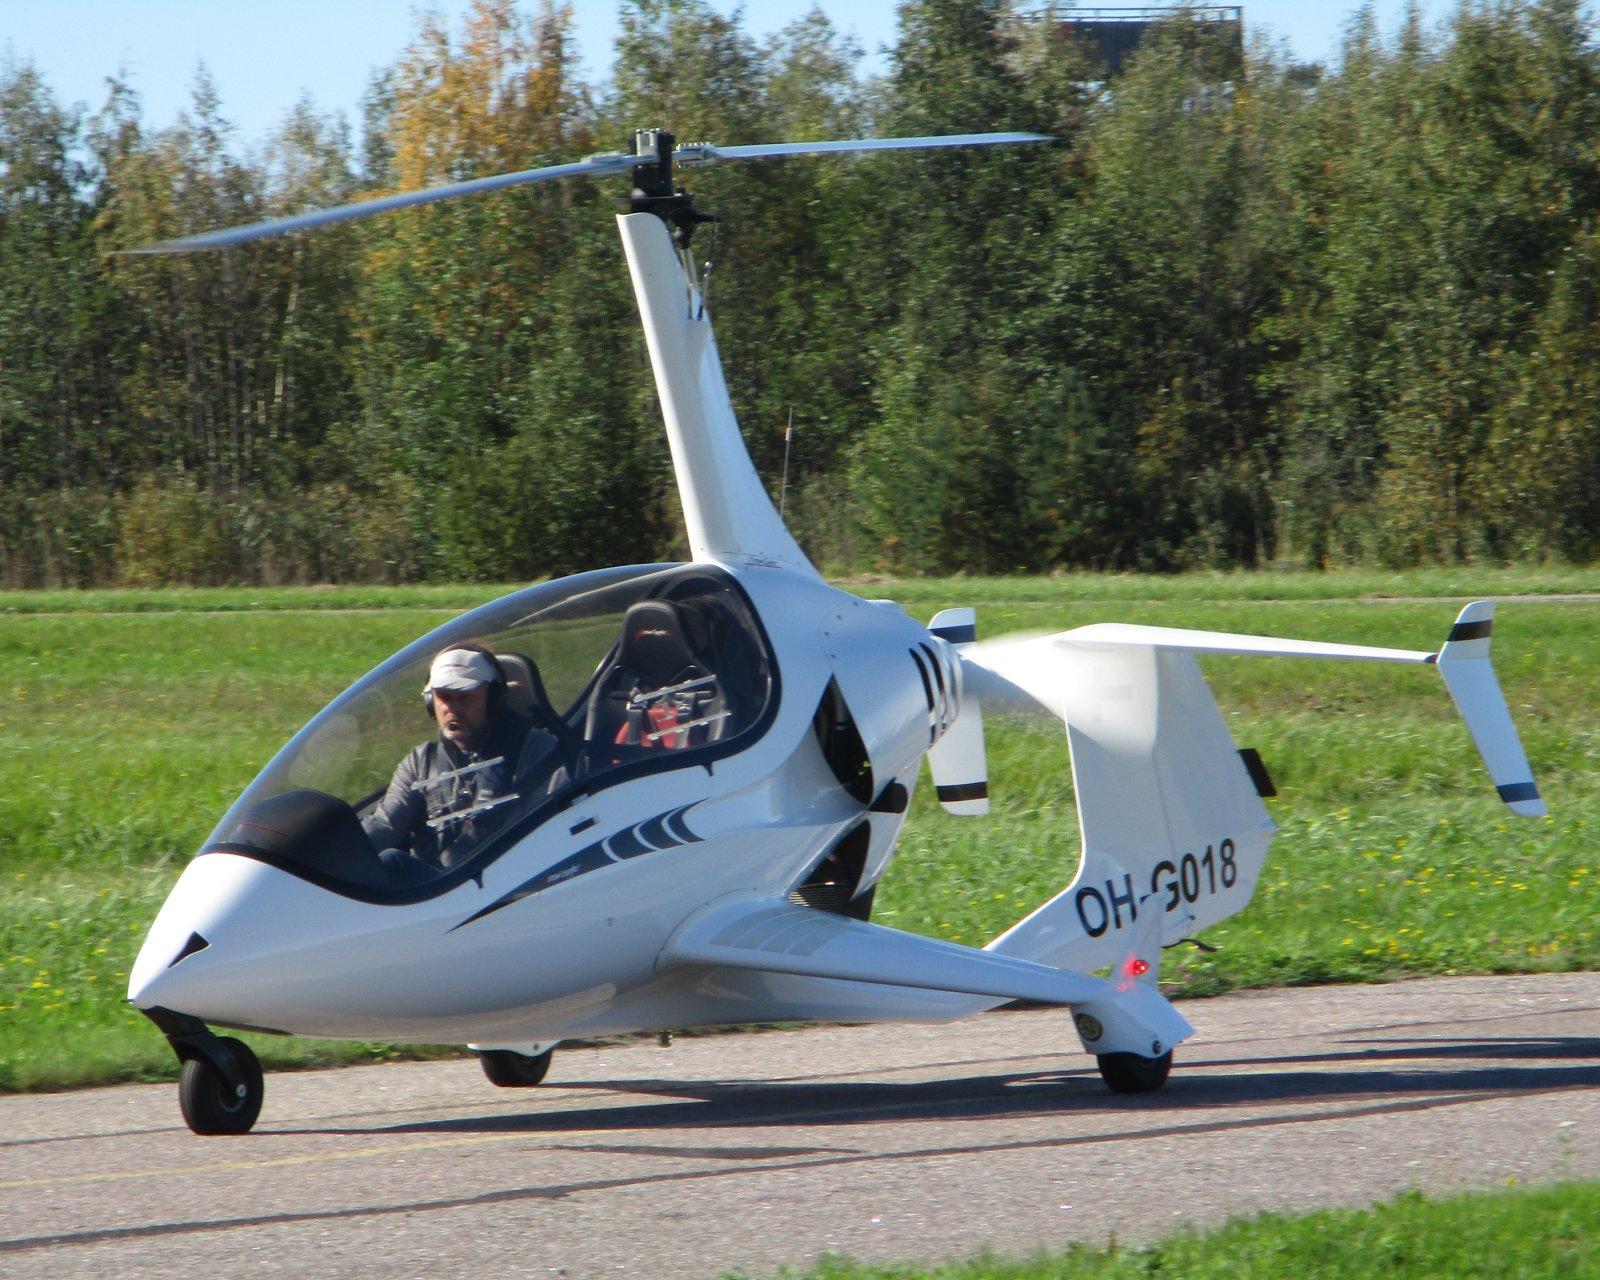 Arrowcopter AC20 OH-G018 EFHN 2018-09-16